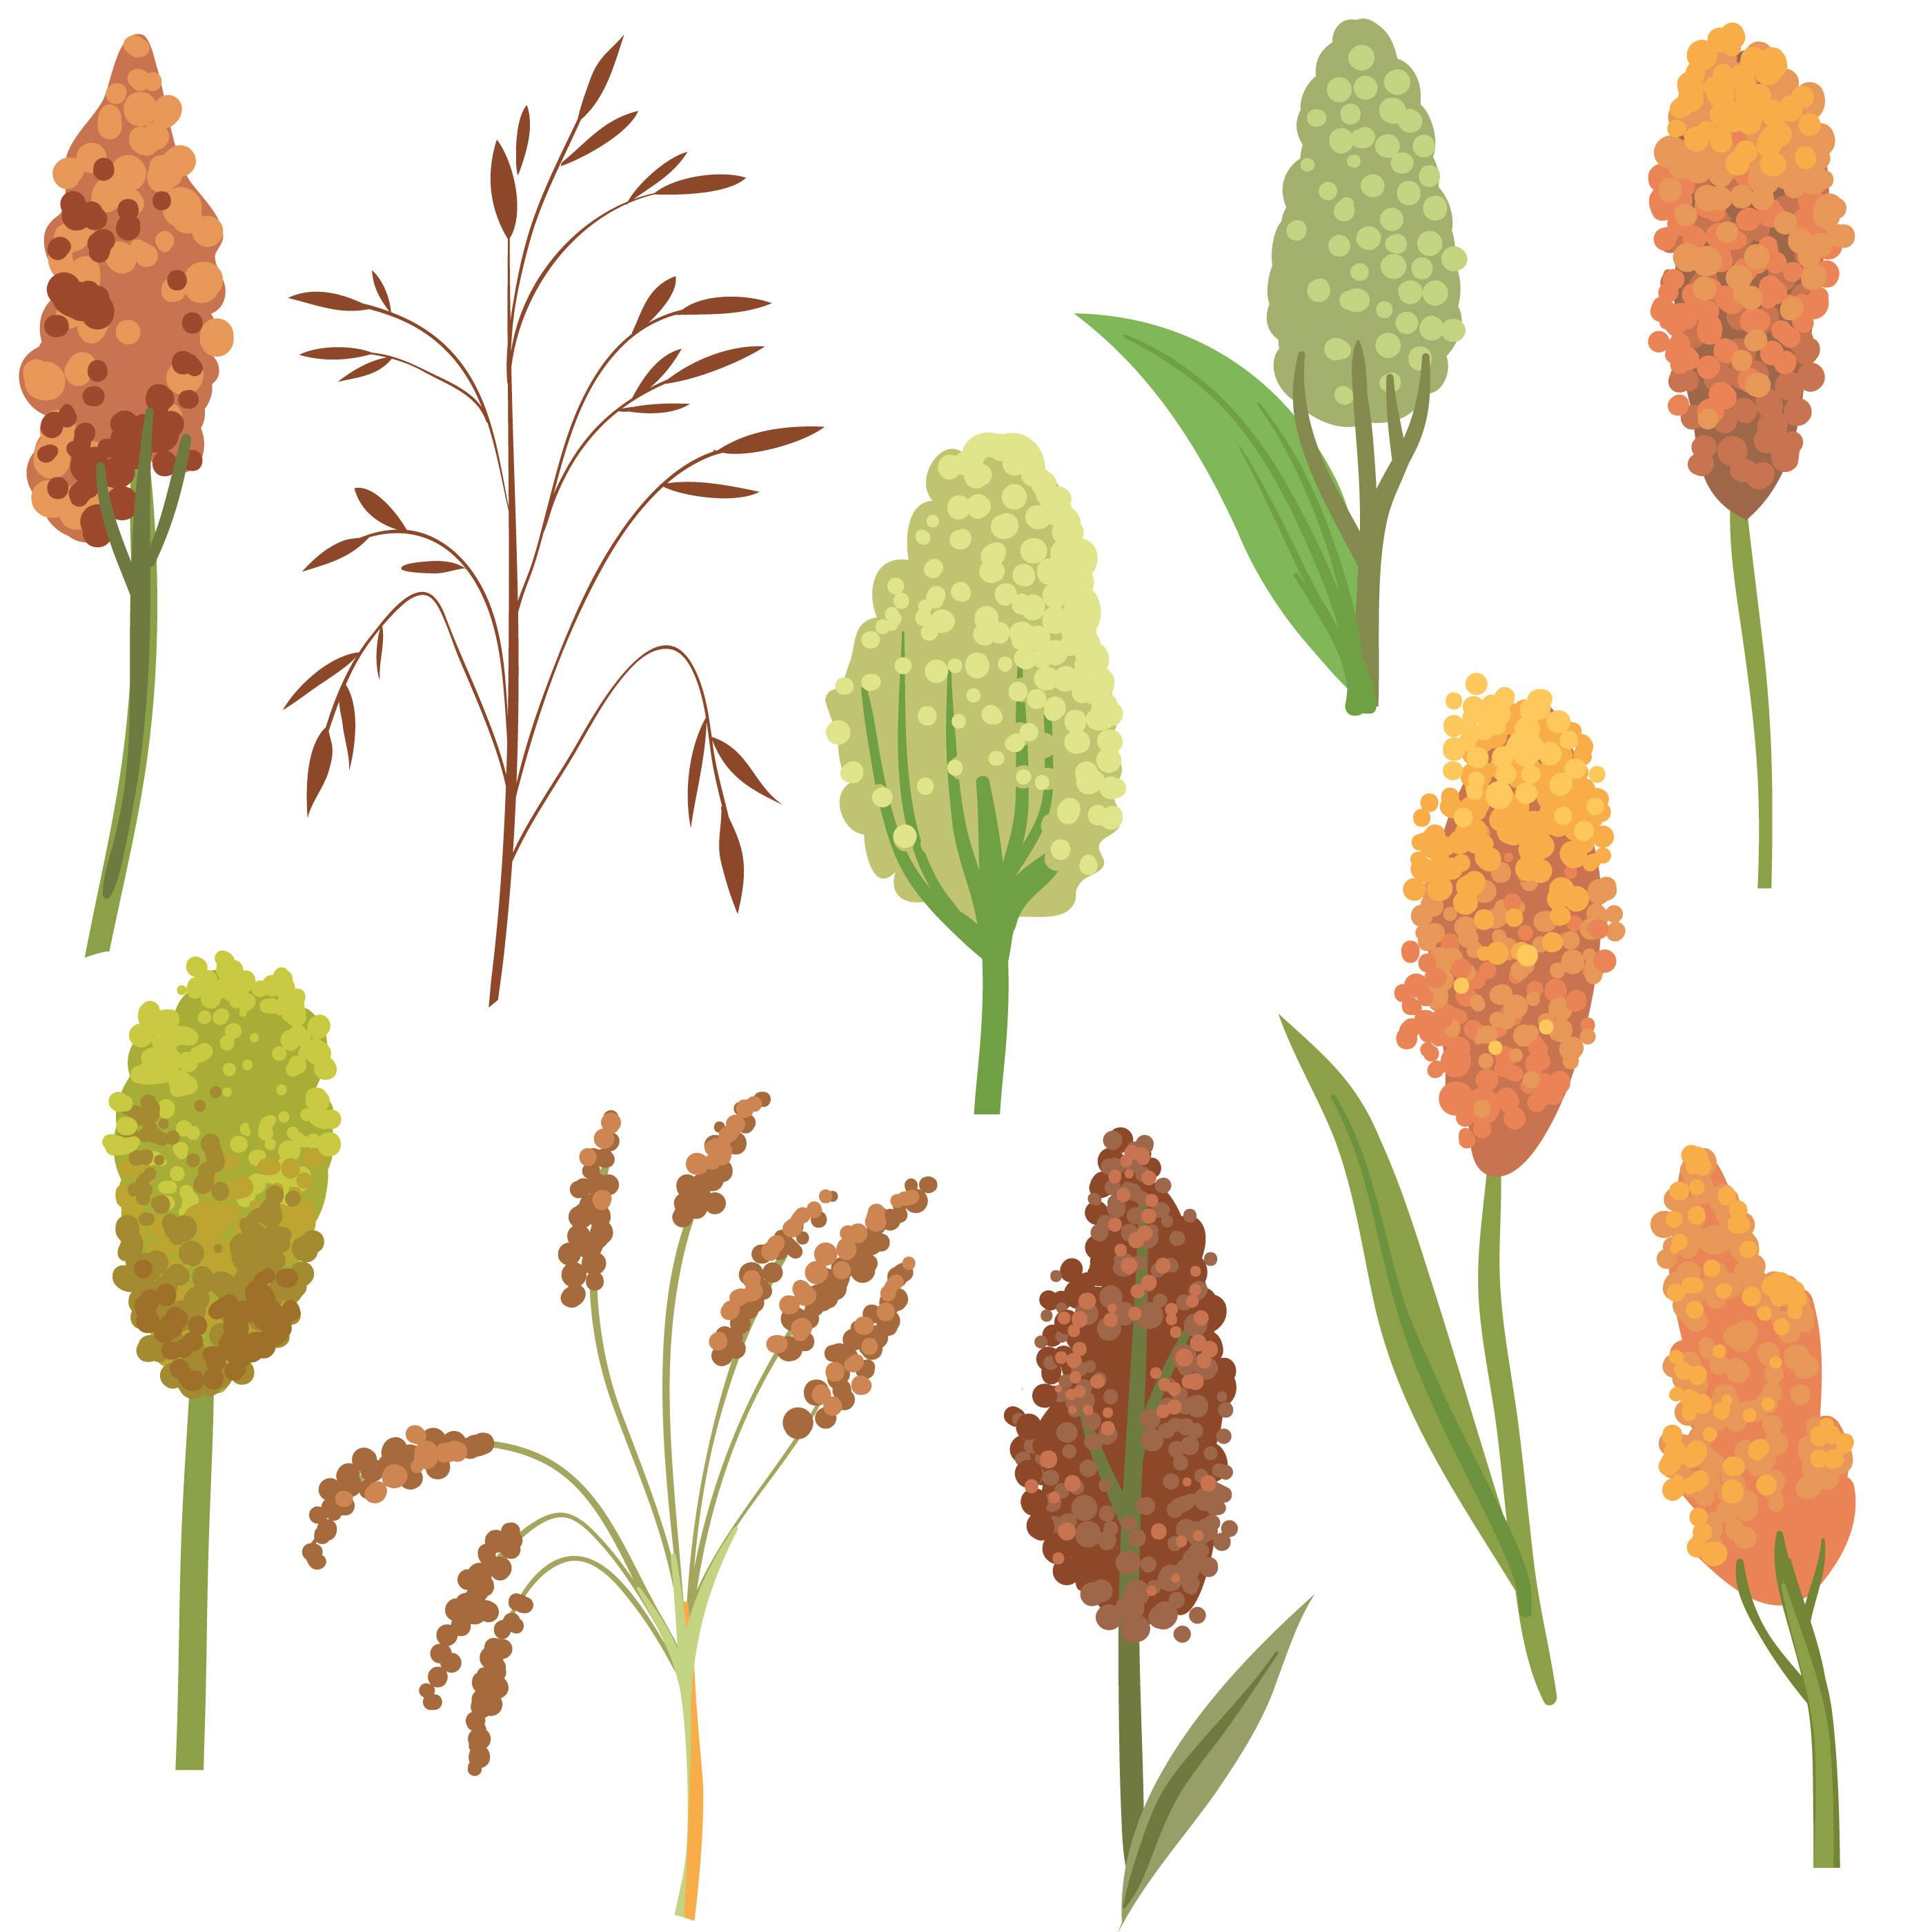 Sorghum plant clipart